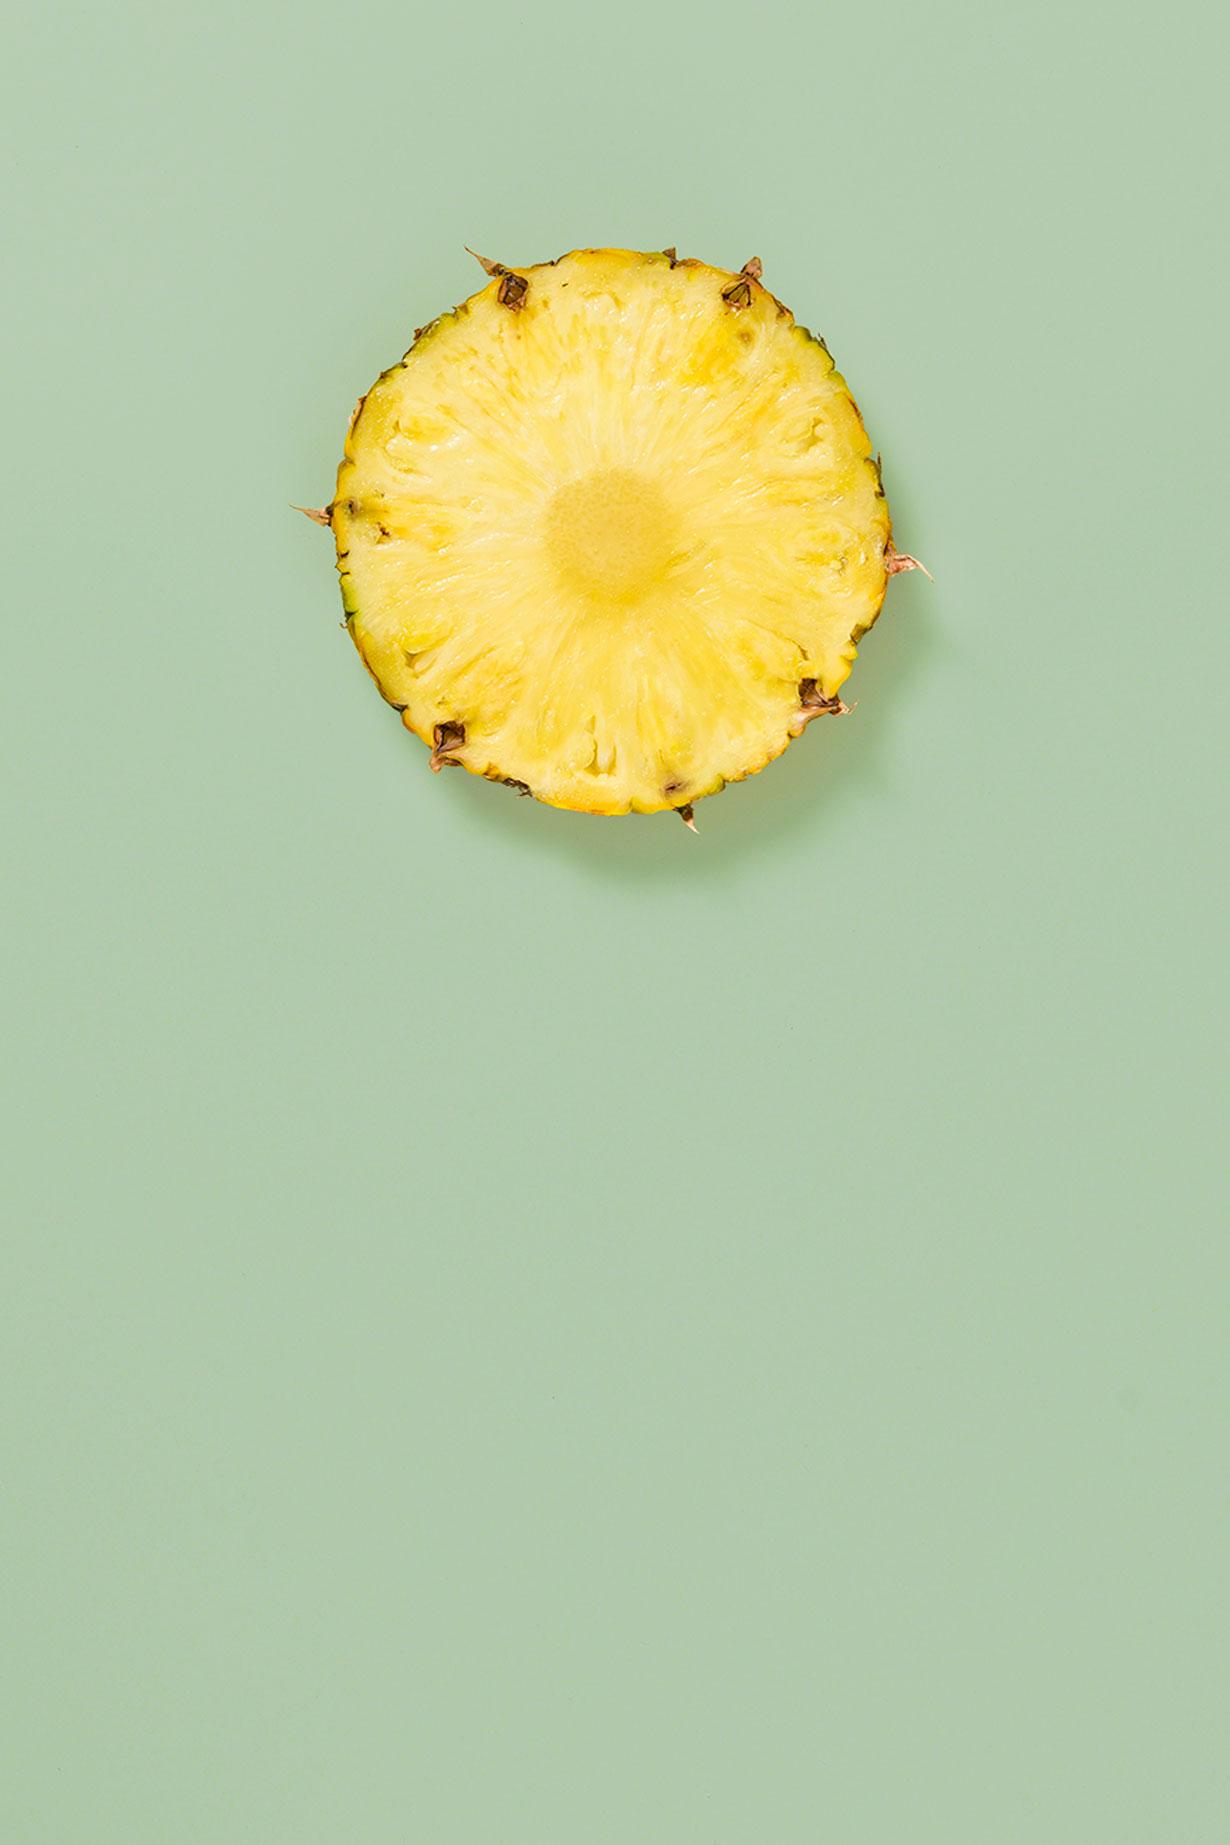 süsse tropische Früchte